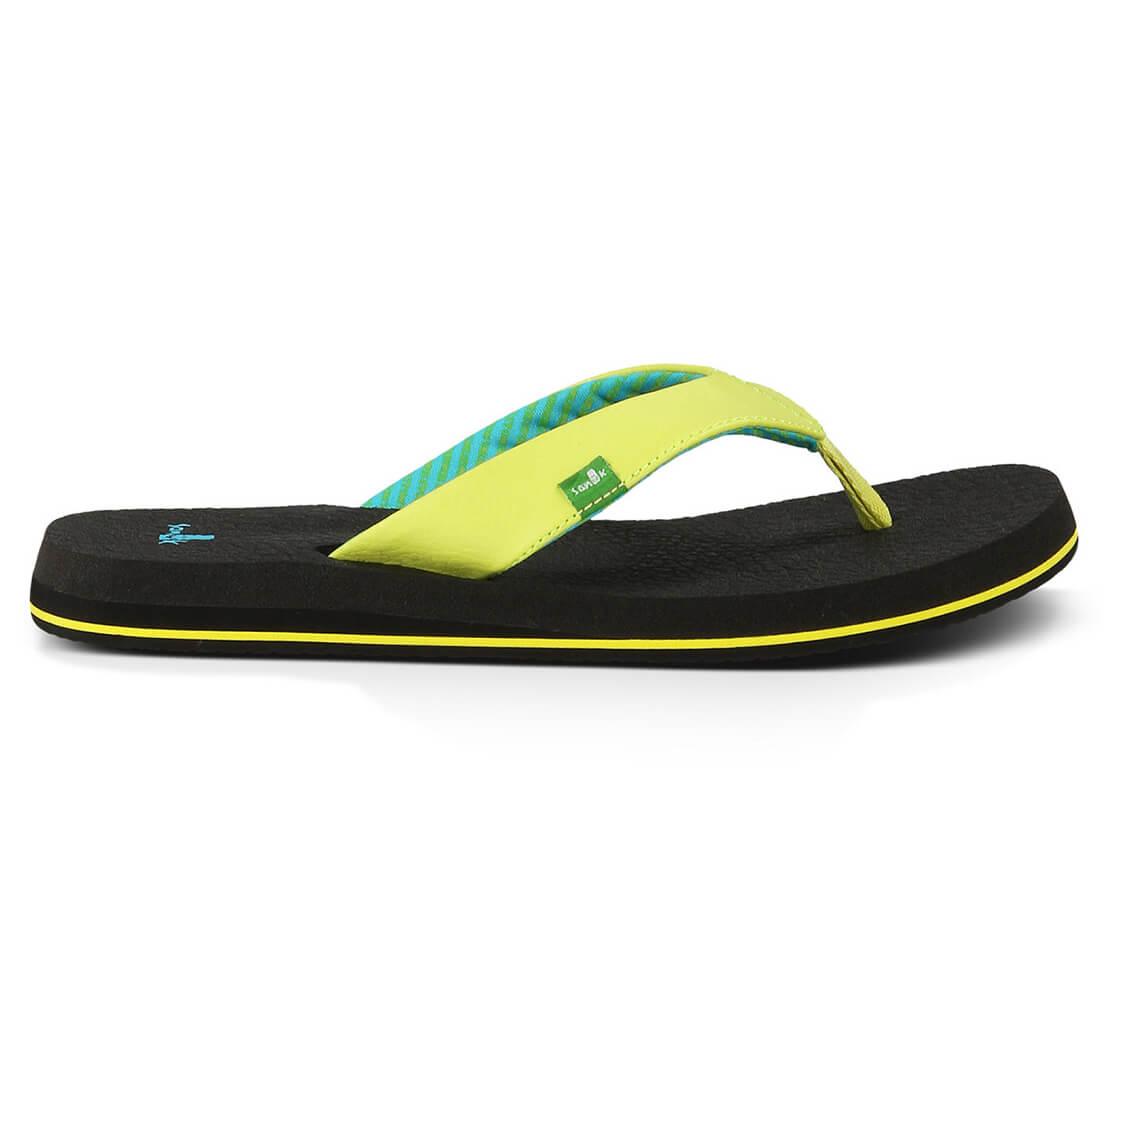 sanuk sandals yoga for kids hpkr com girls mat